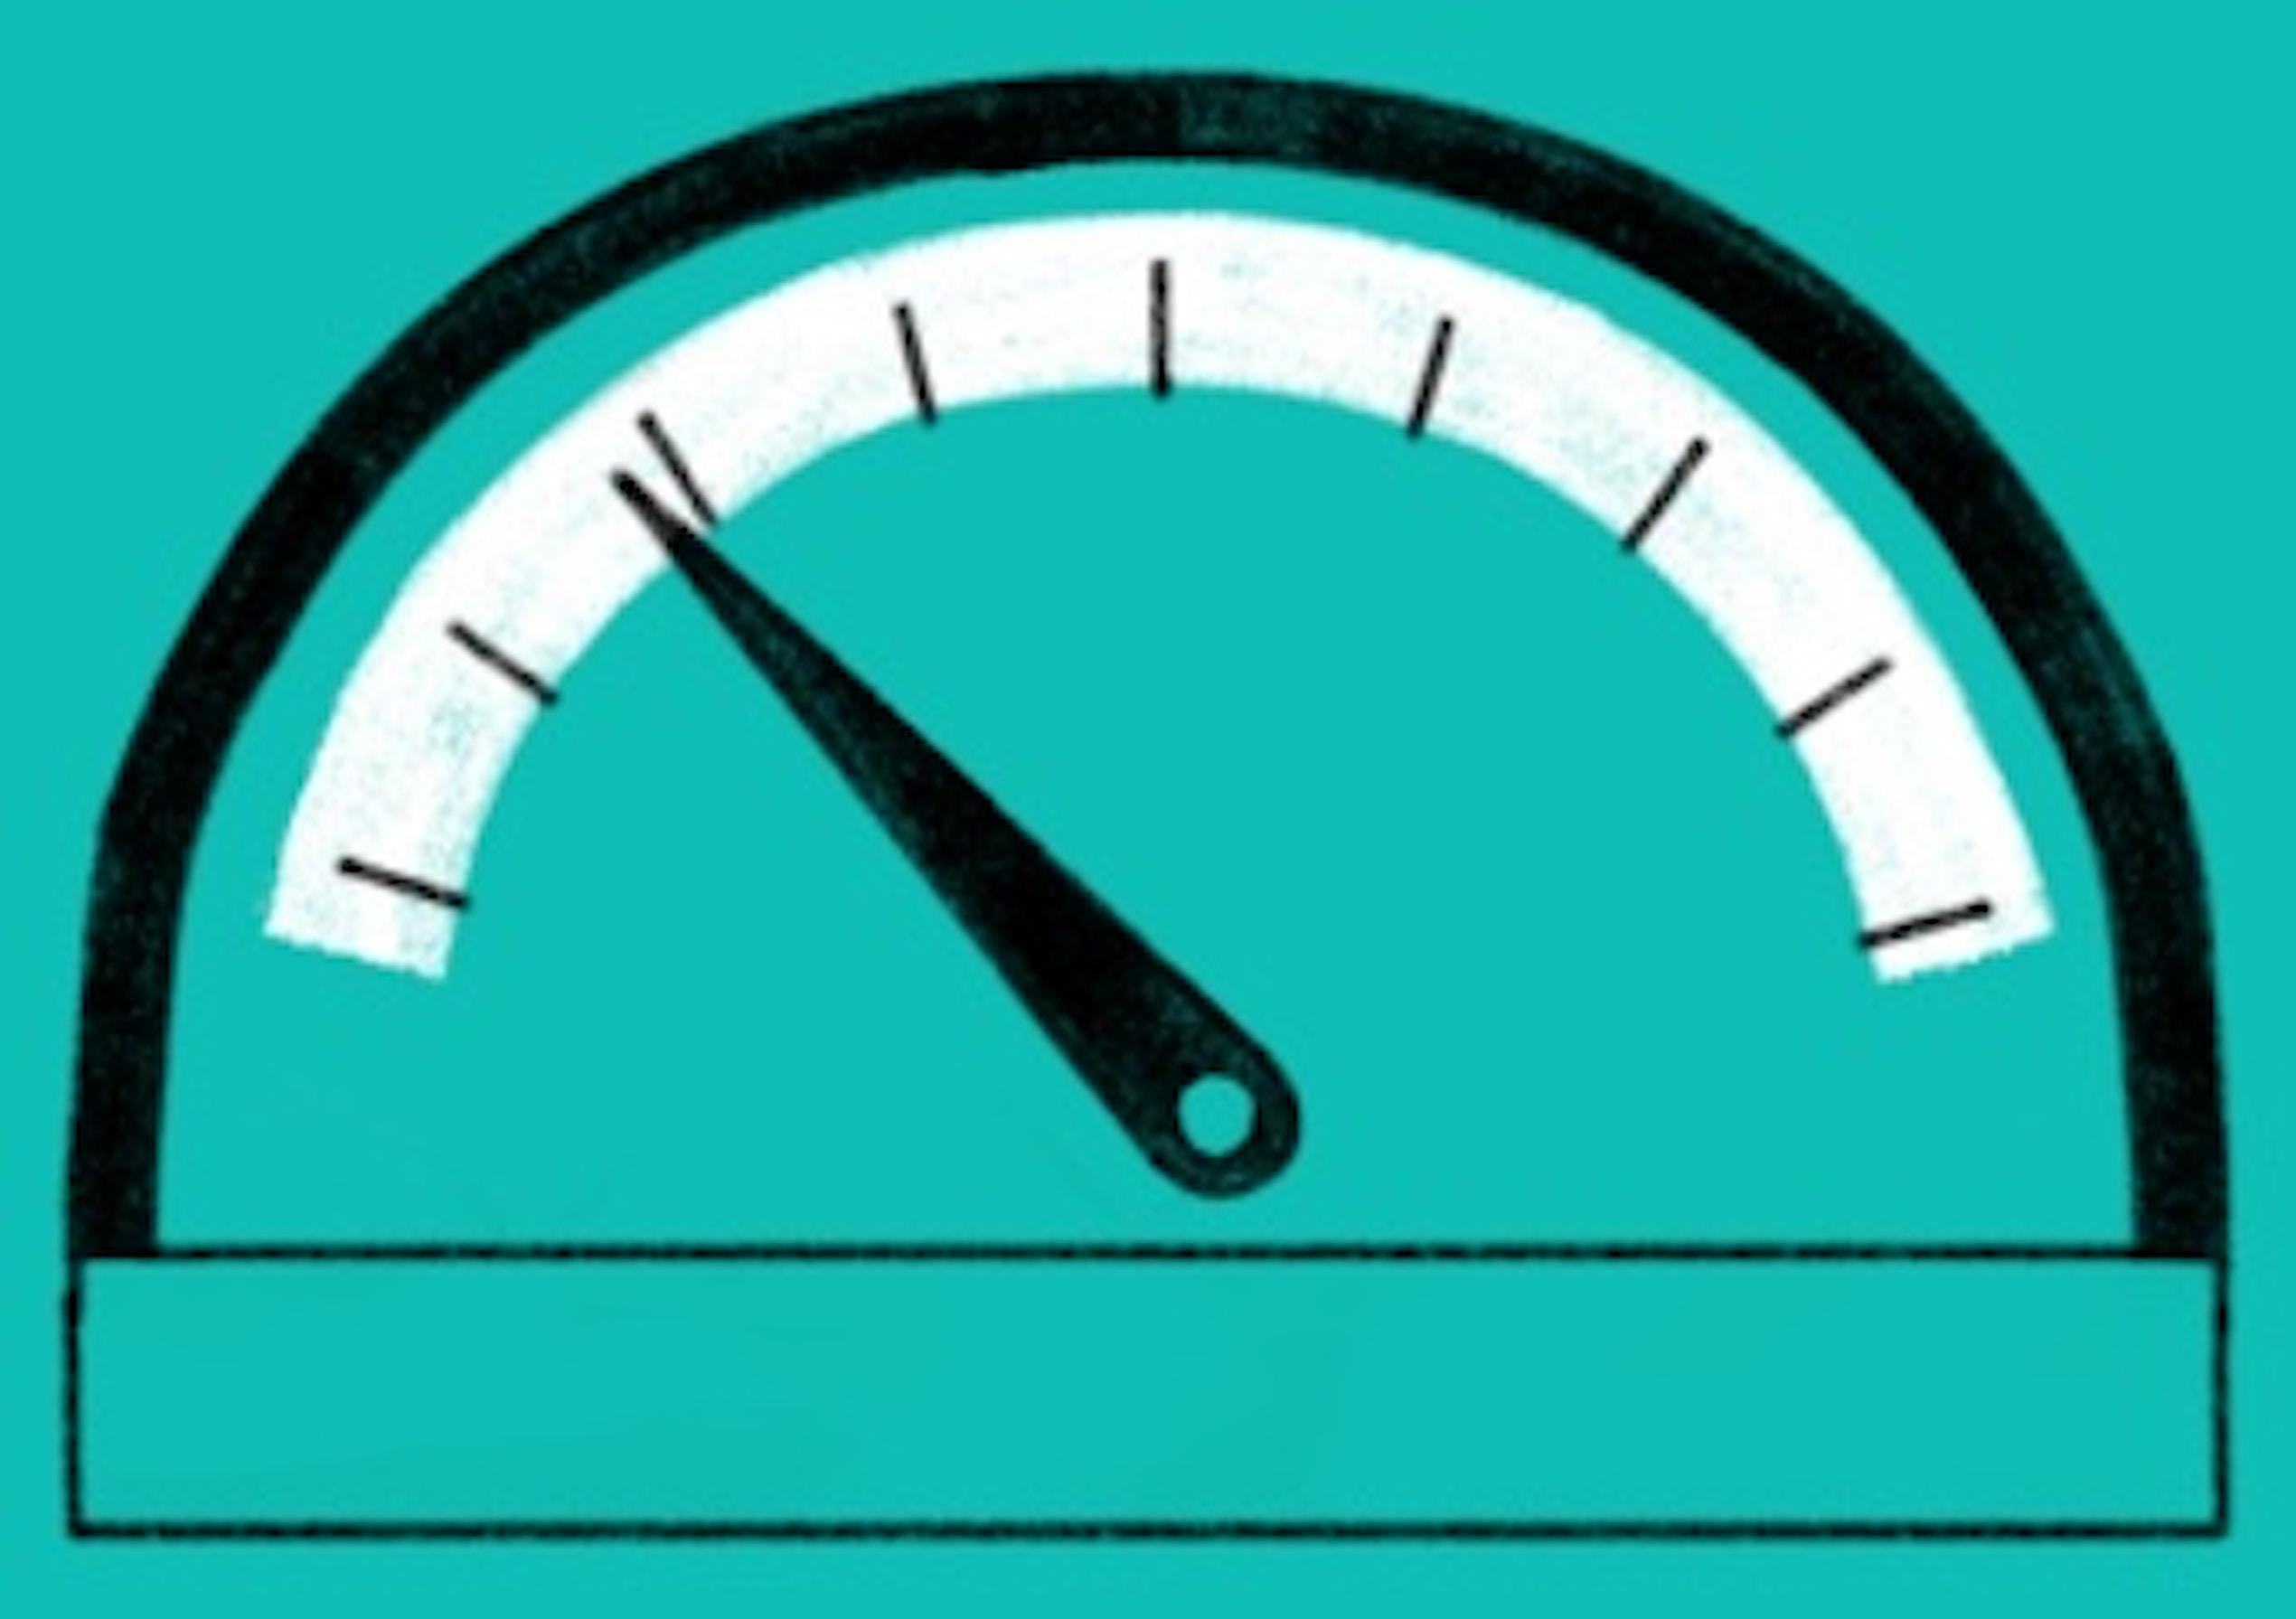 Améliorer la performance et optimiser votre gouvernance rapidement